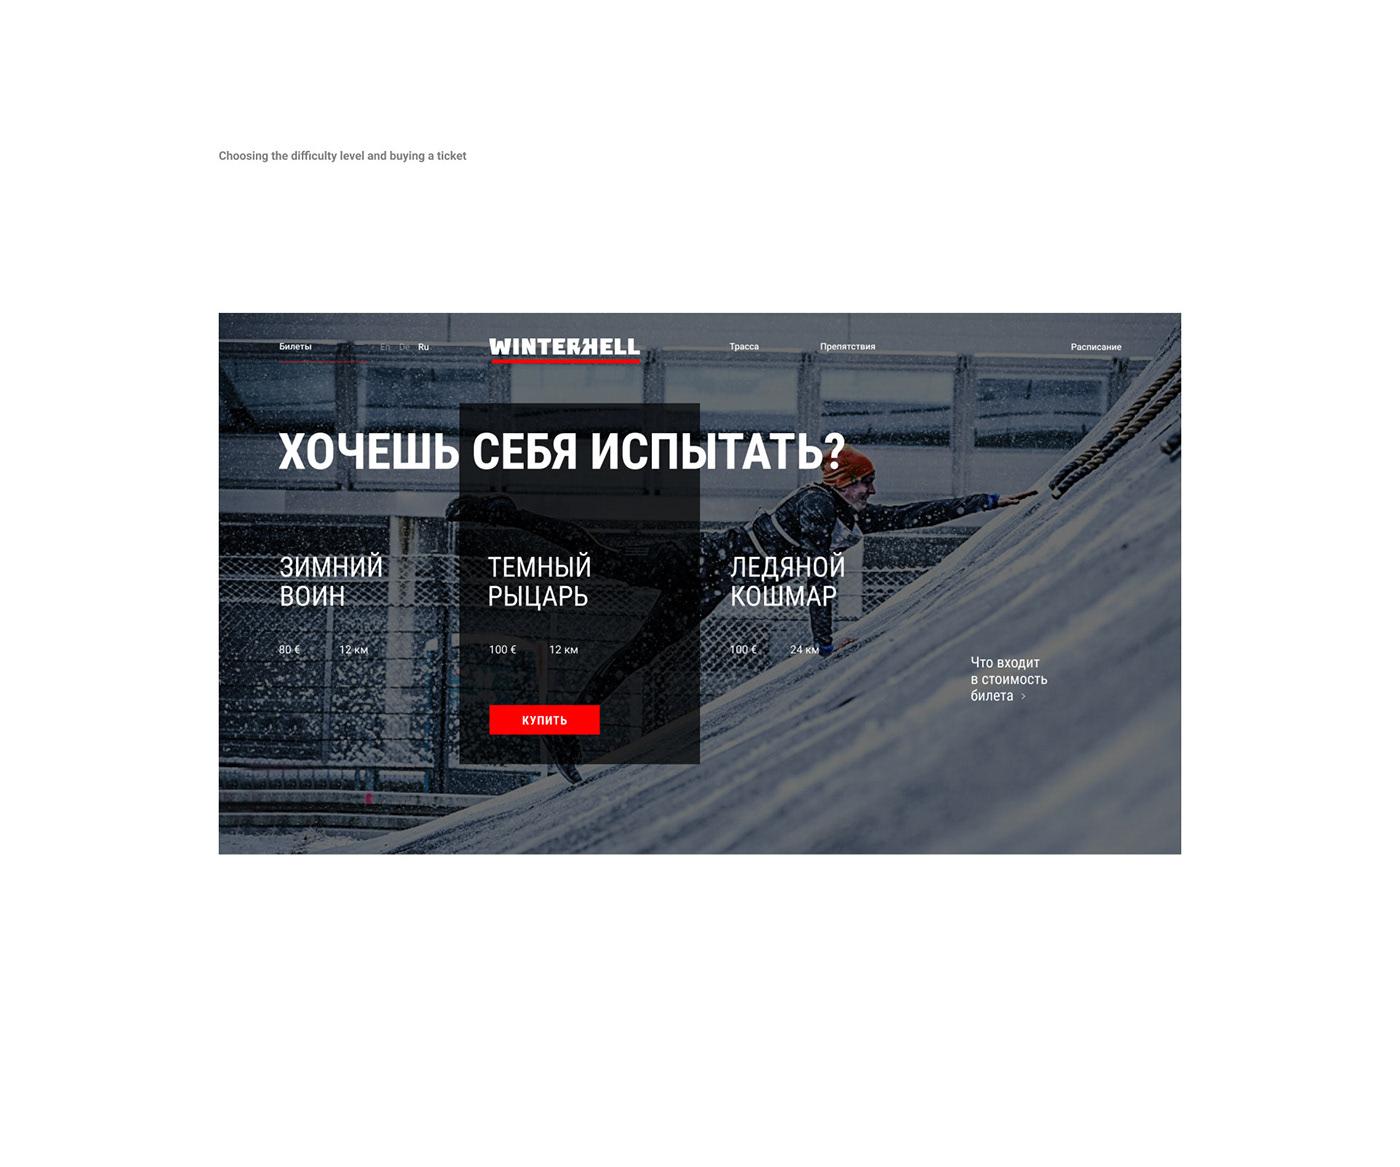 OCR sport Website winter nürburgring Web run race obstacles running